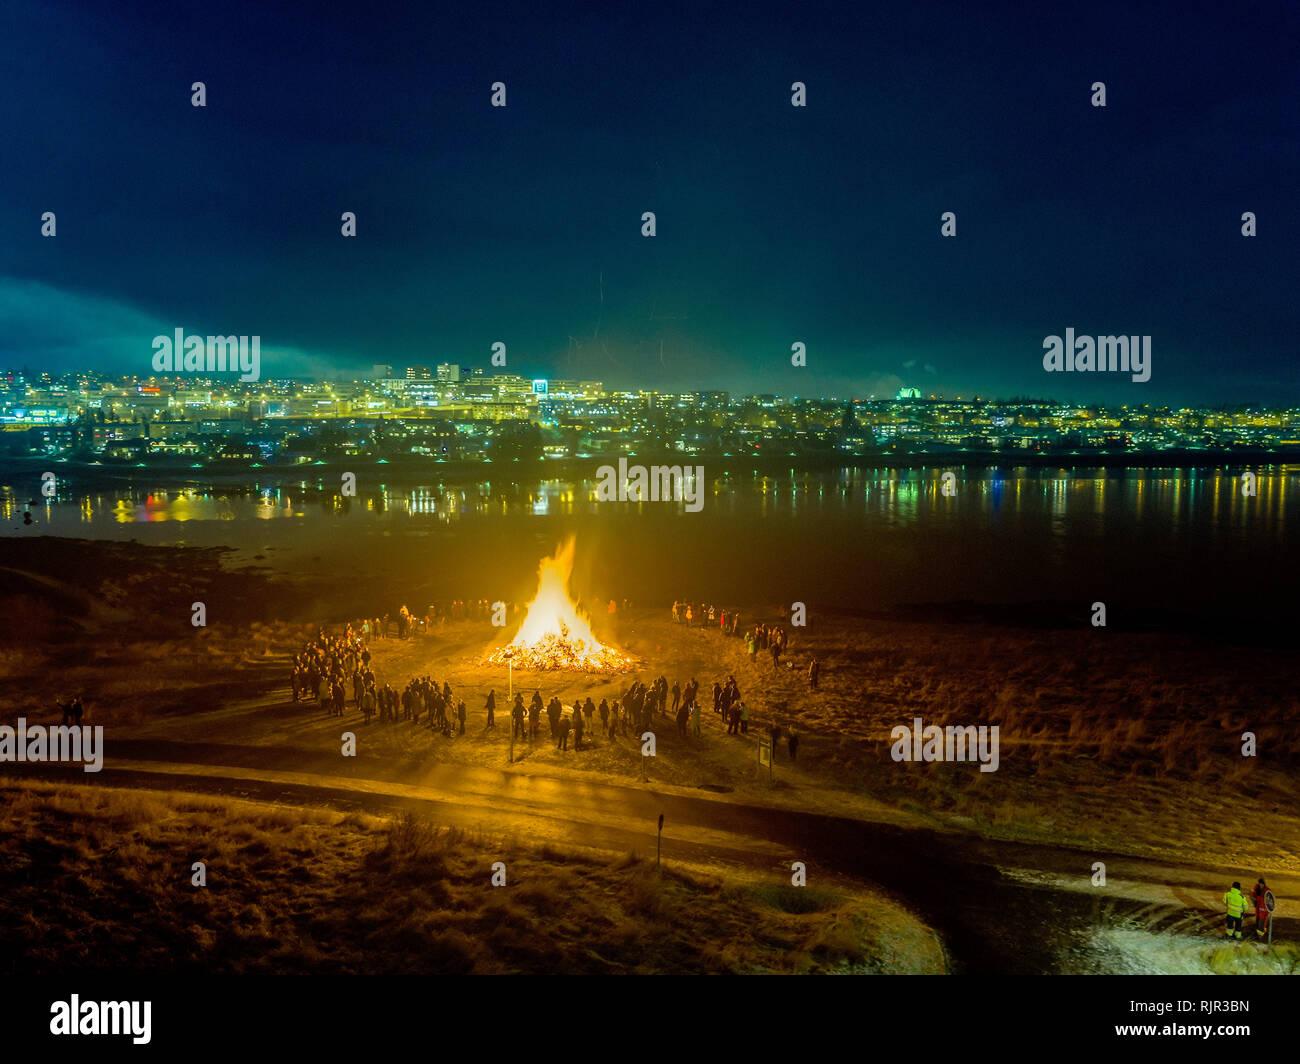 New Year's Eve Celebrations with bonfires, Reykjavik, Iceland - Stock Image